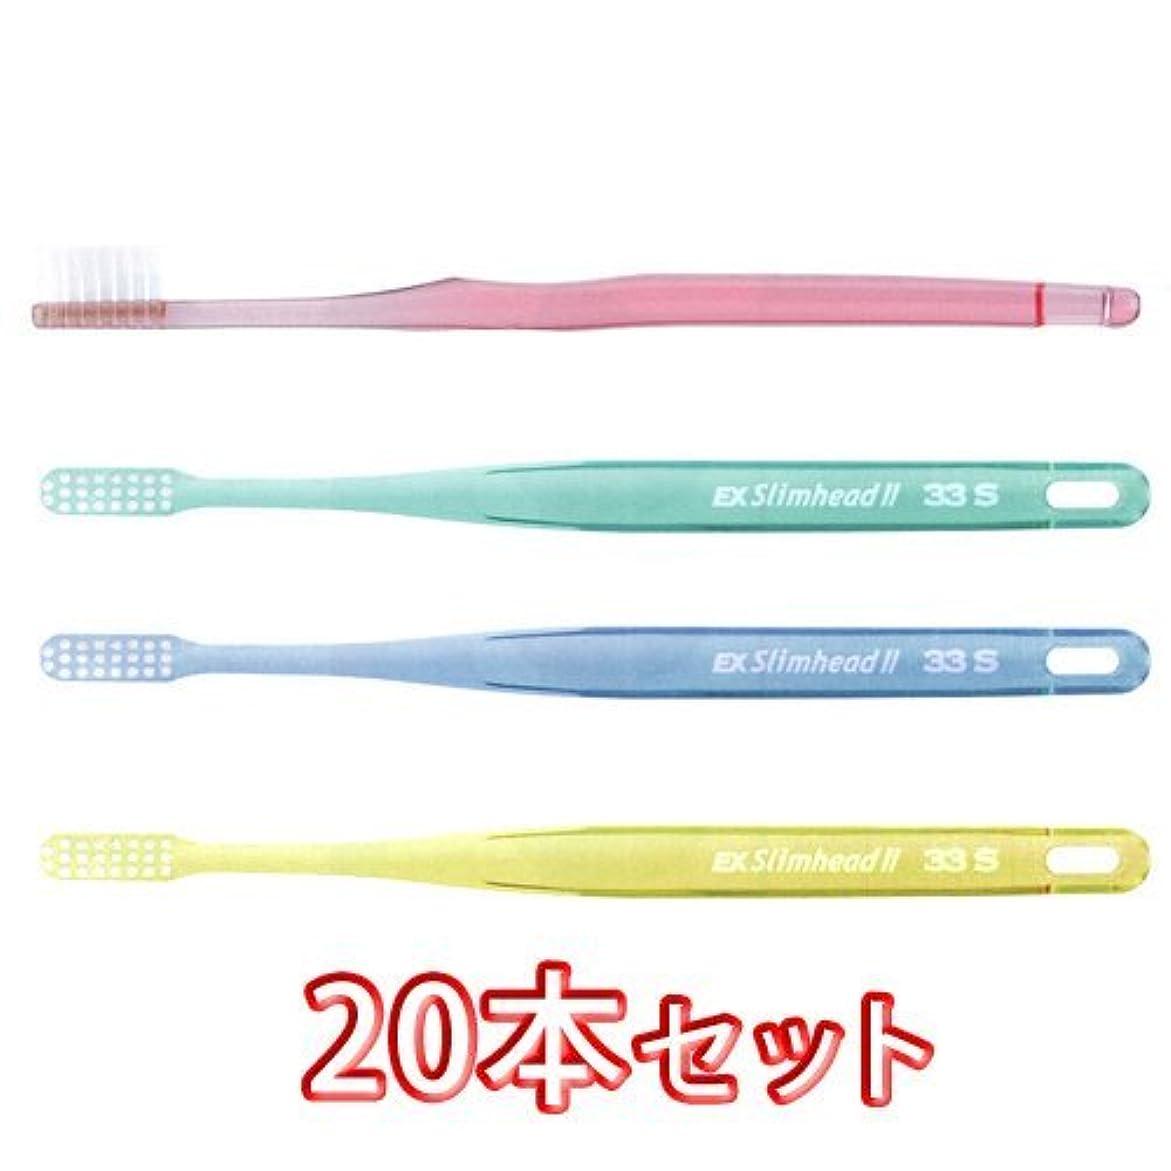 本関係するピンチライオン スリムヘッド2 歯ブラシ DENT . EX Slimhead2 20本入 (33S)